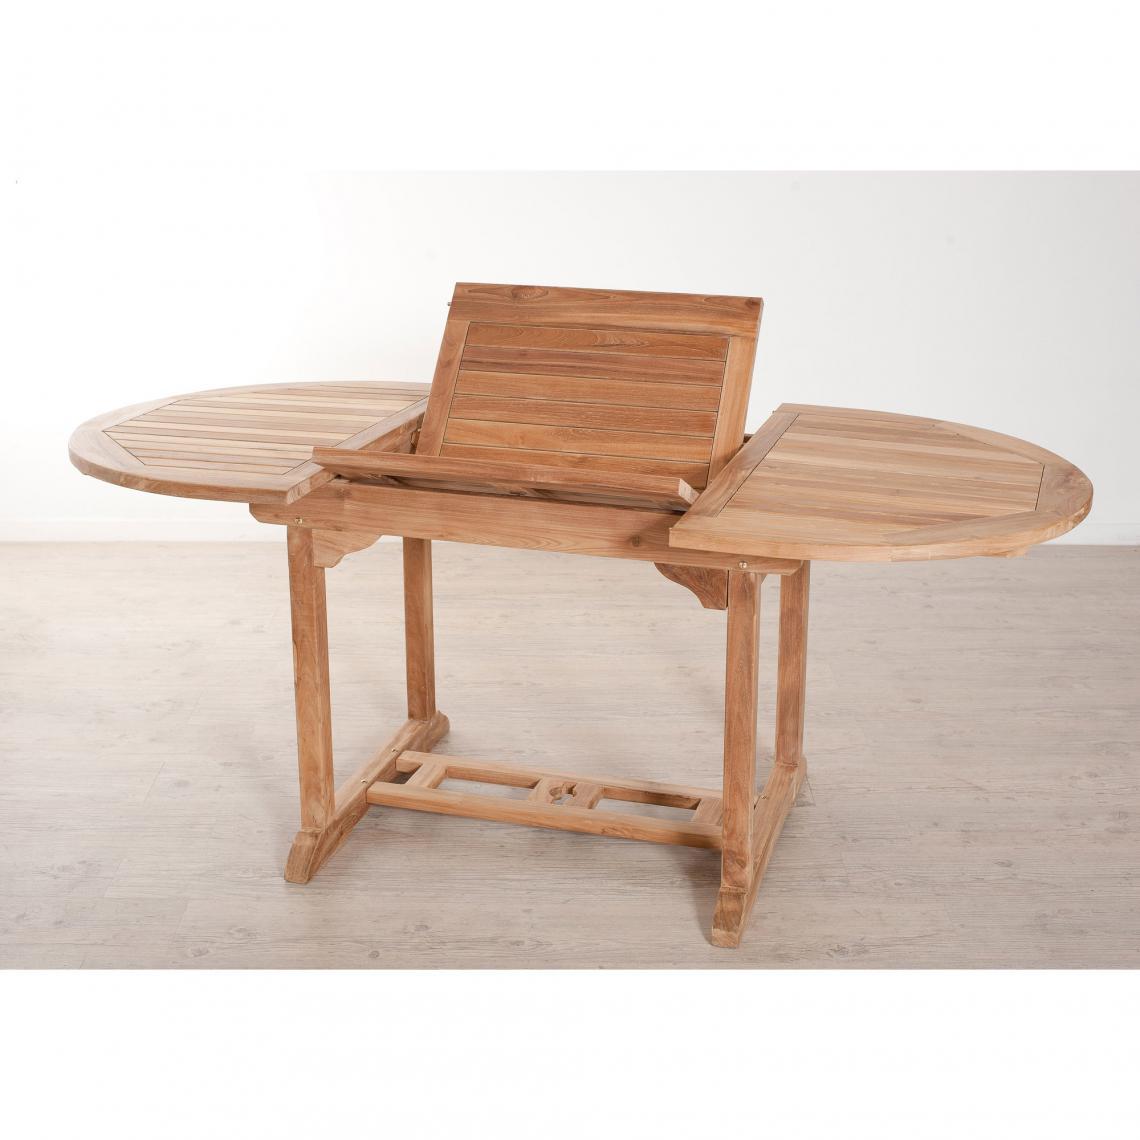 Table Ovale Extensible 4/6 Personnes En Teck Massif - Teck Plus De Détails encequiconcerne Table Exterieur 4 Personnes